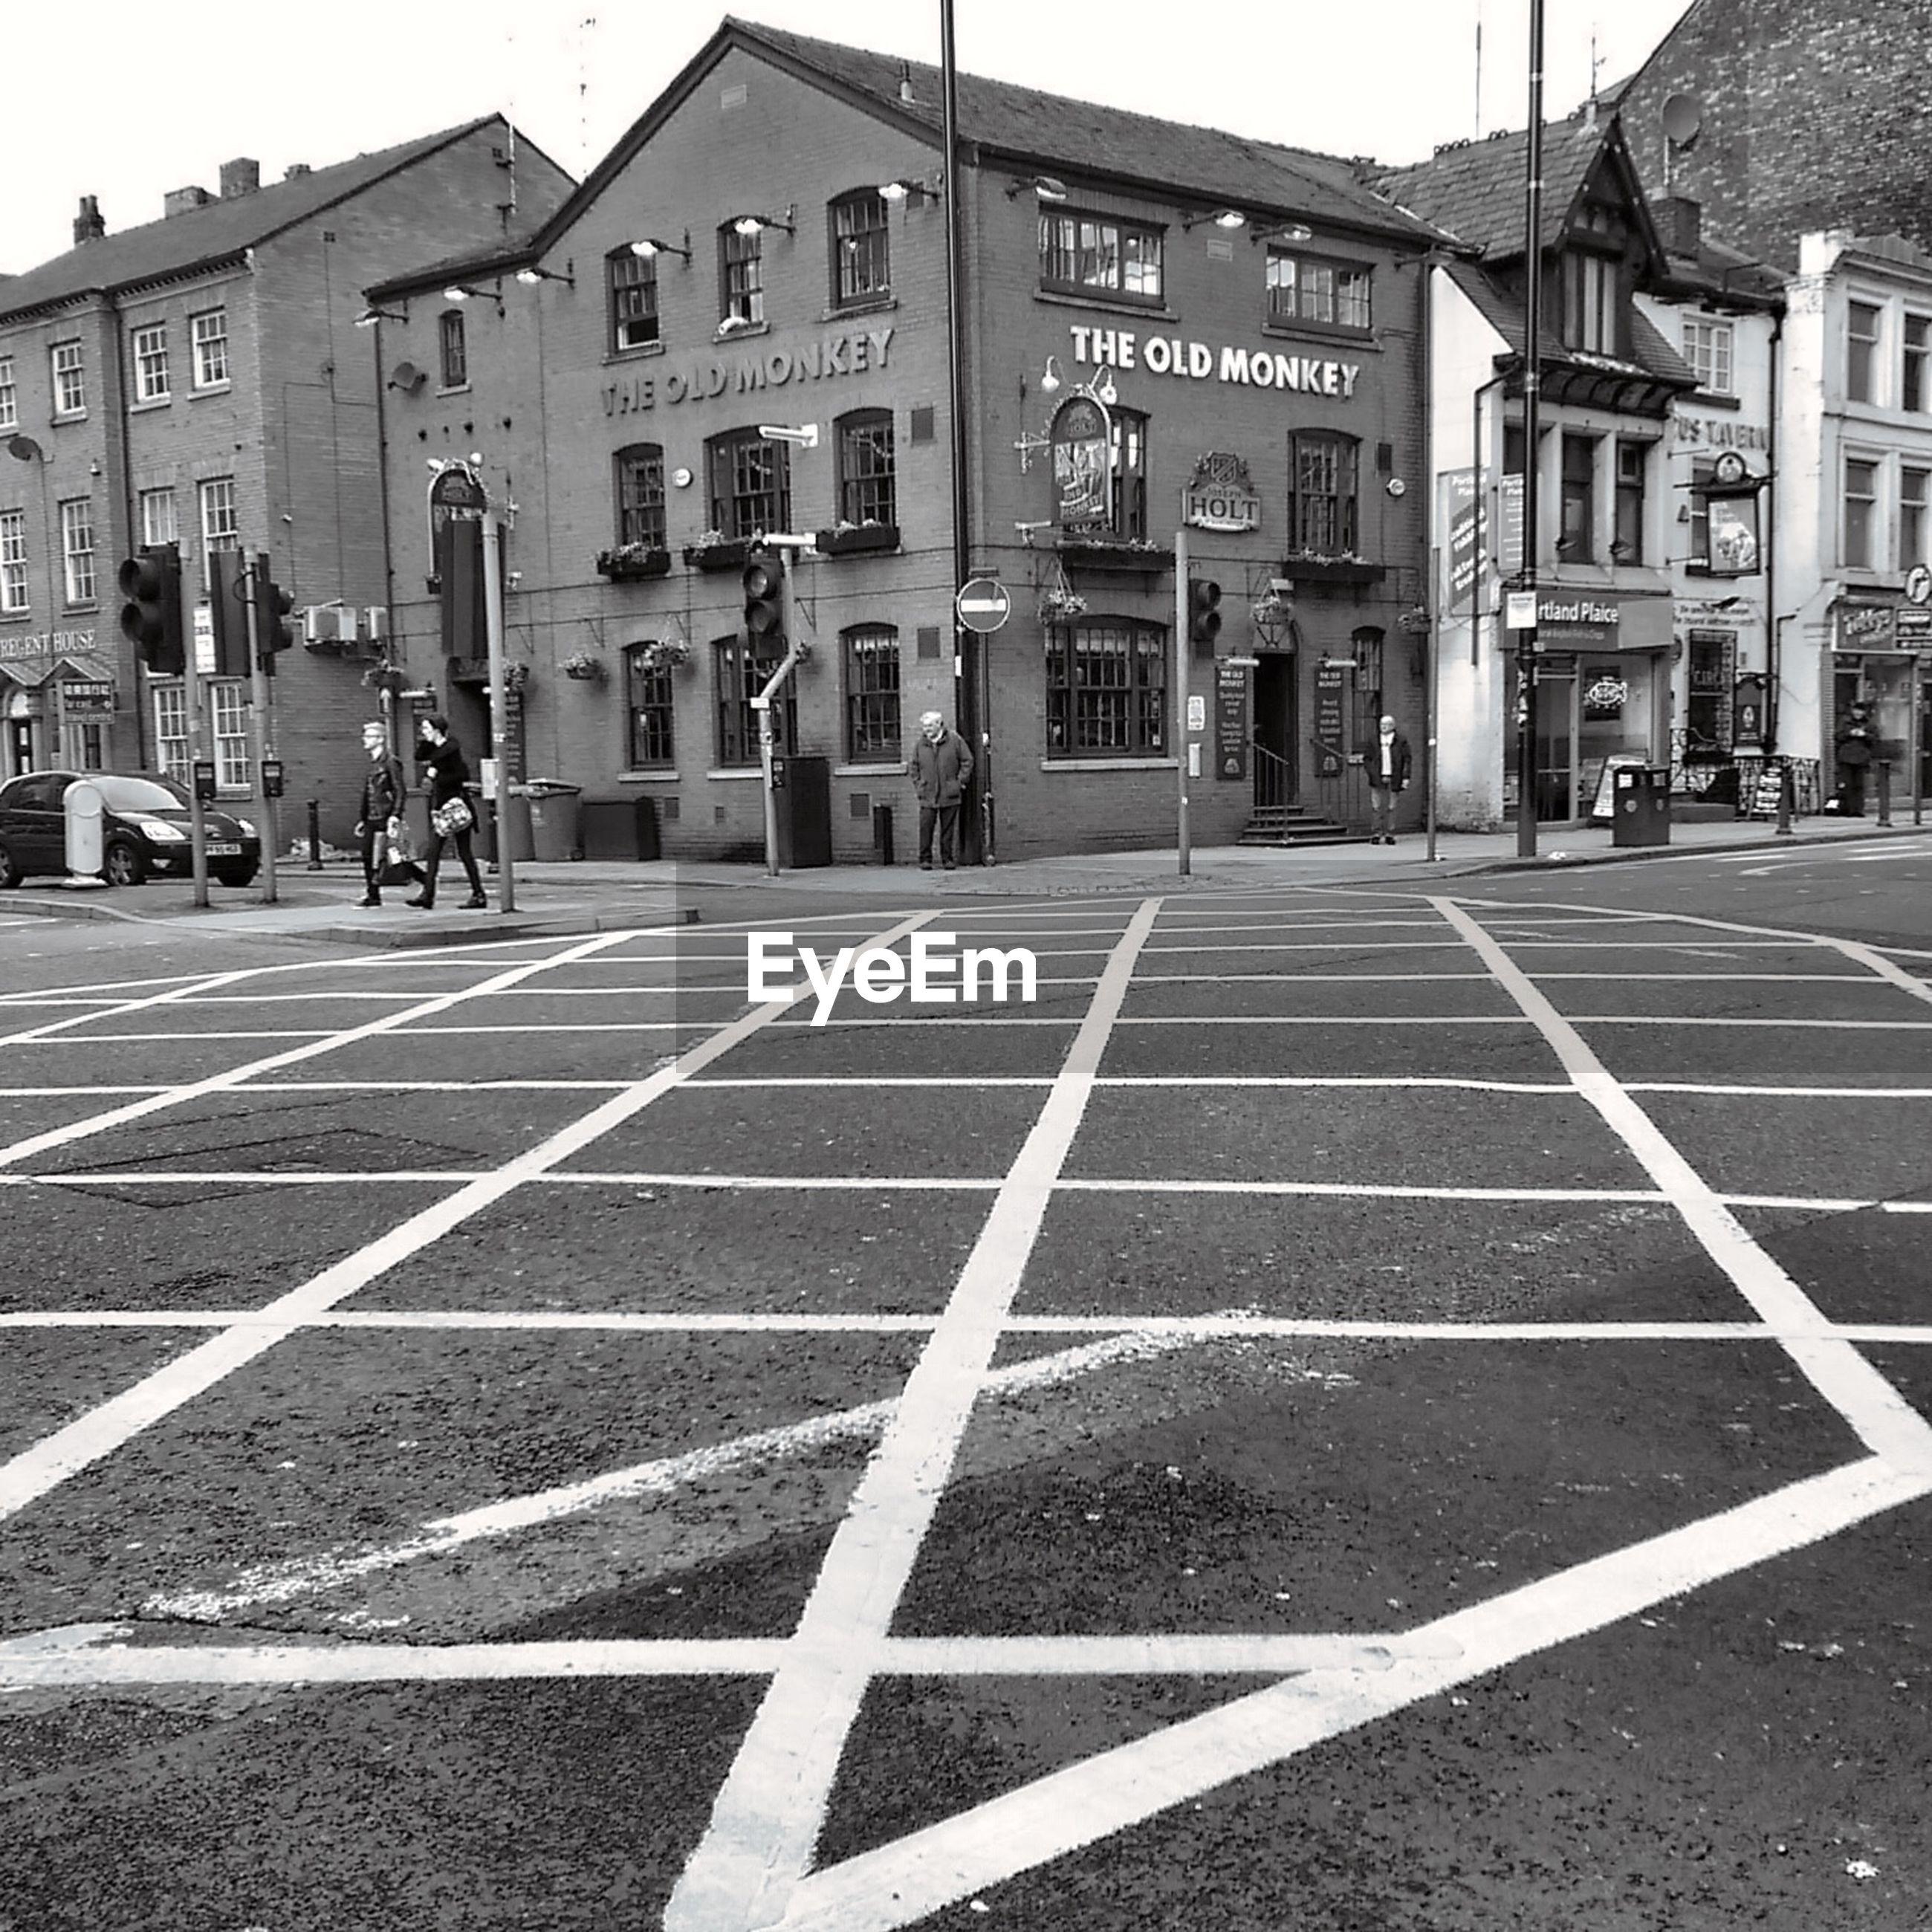 ZEBRA CROSSING ON STREET IN CITY